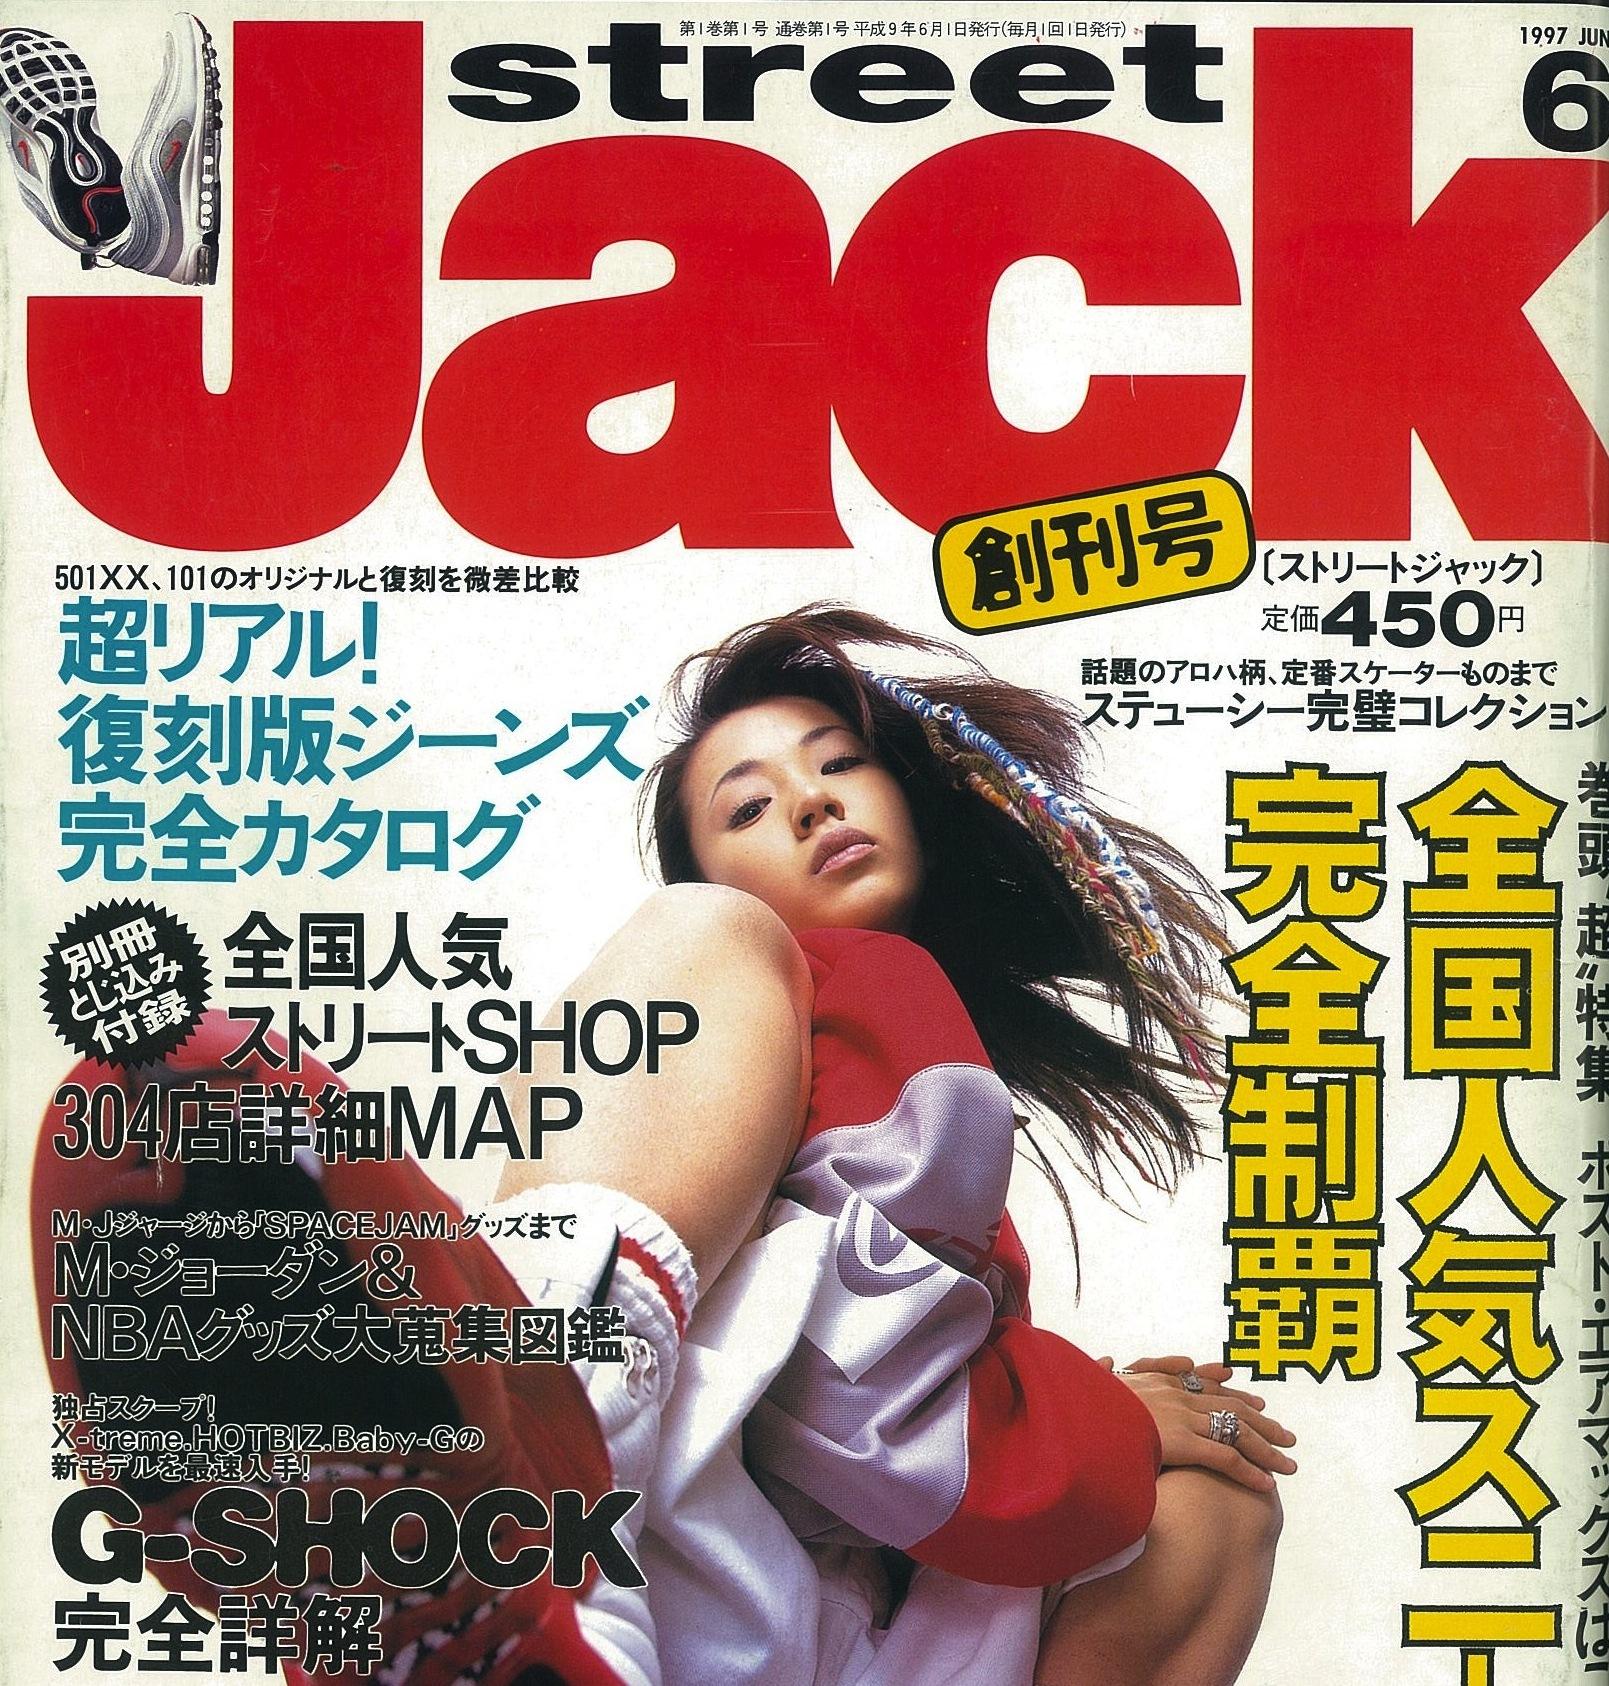 1997年4月24日、『ストリートジャック』創刊!